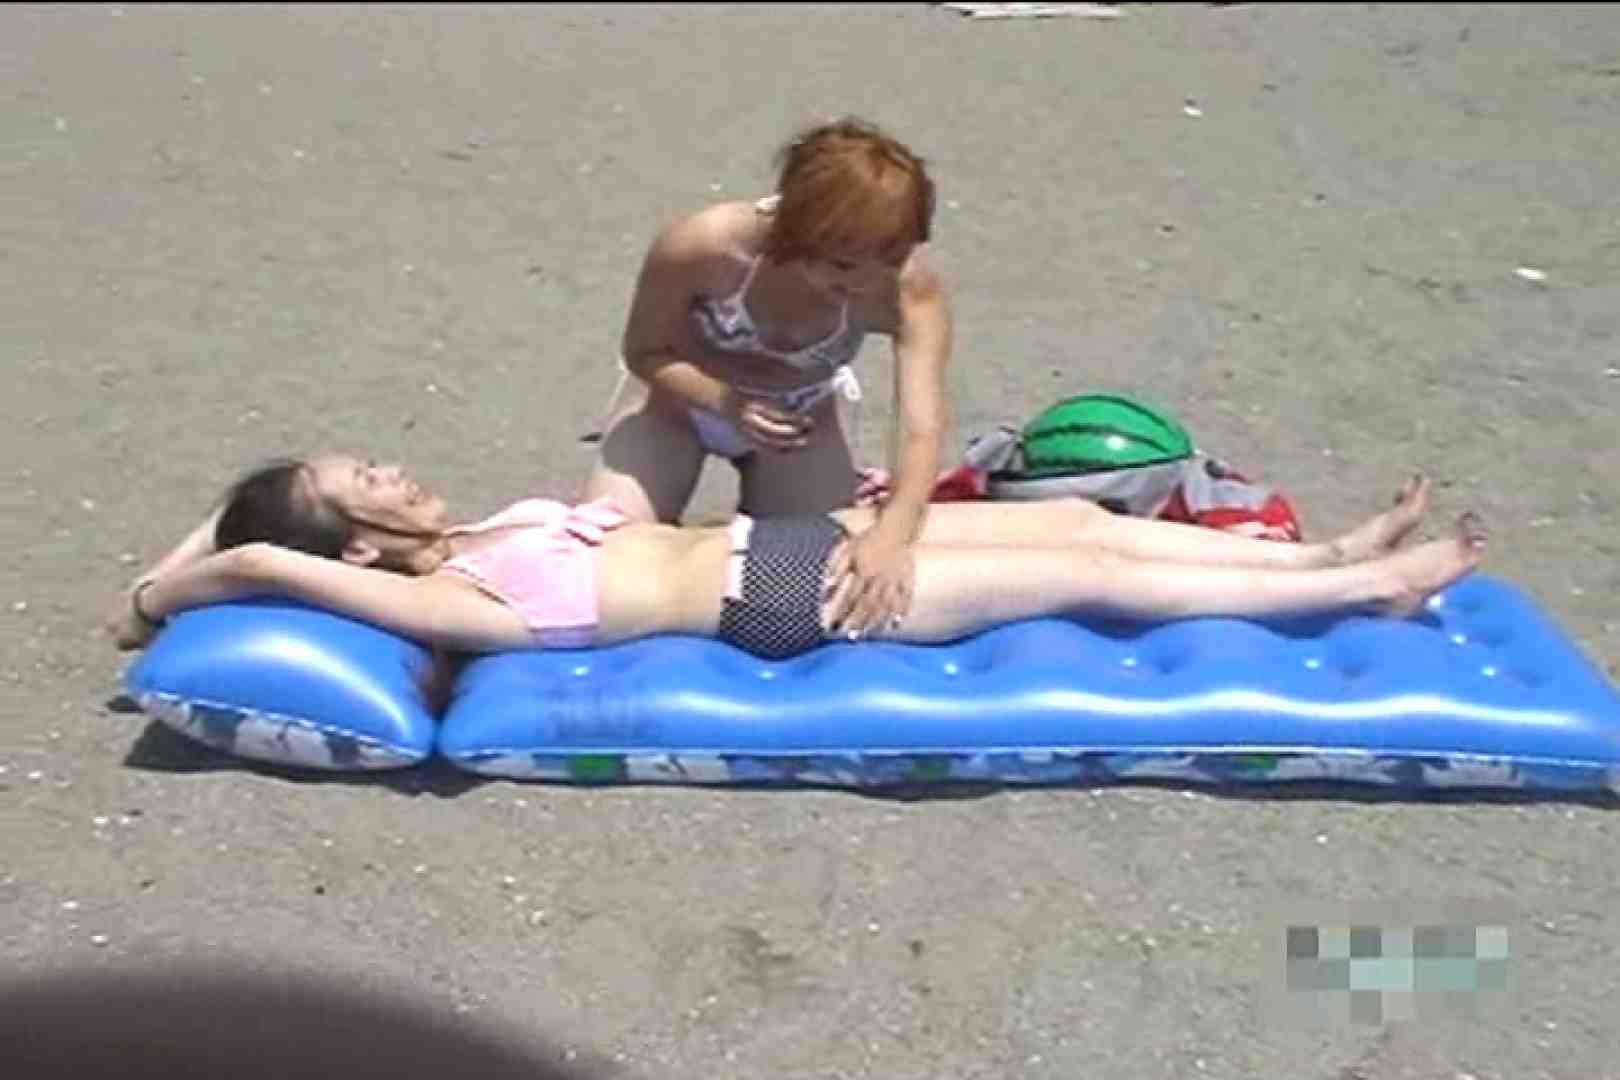 真夏のビーチは危険地帯Vol.2 すけべなカップル のぞき動画画像 98画像 38